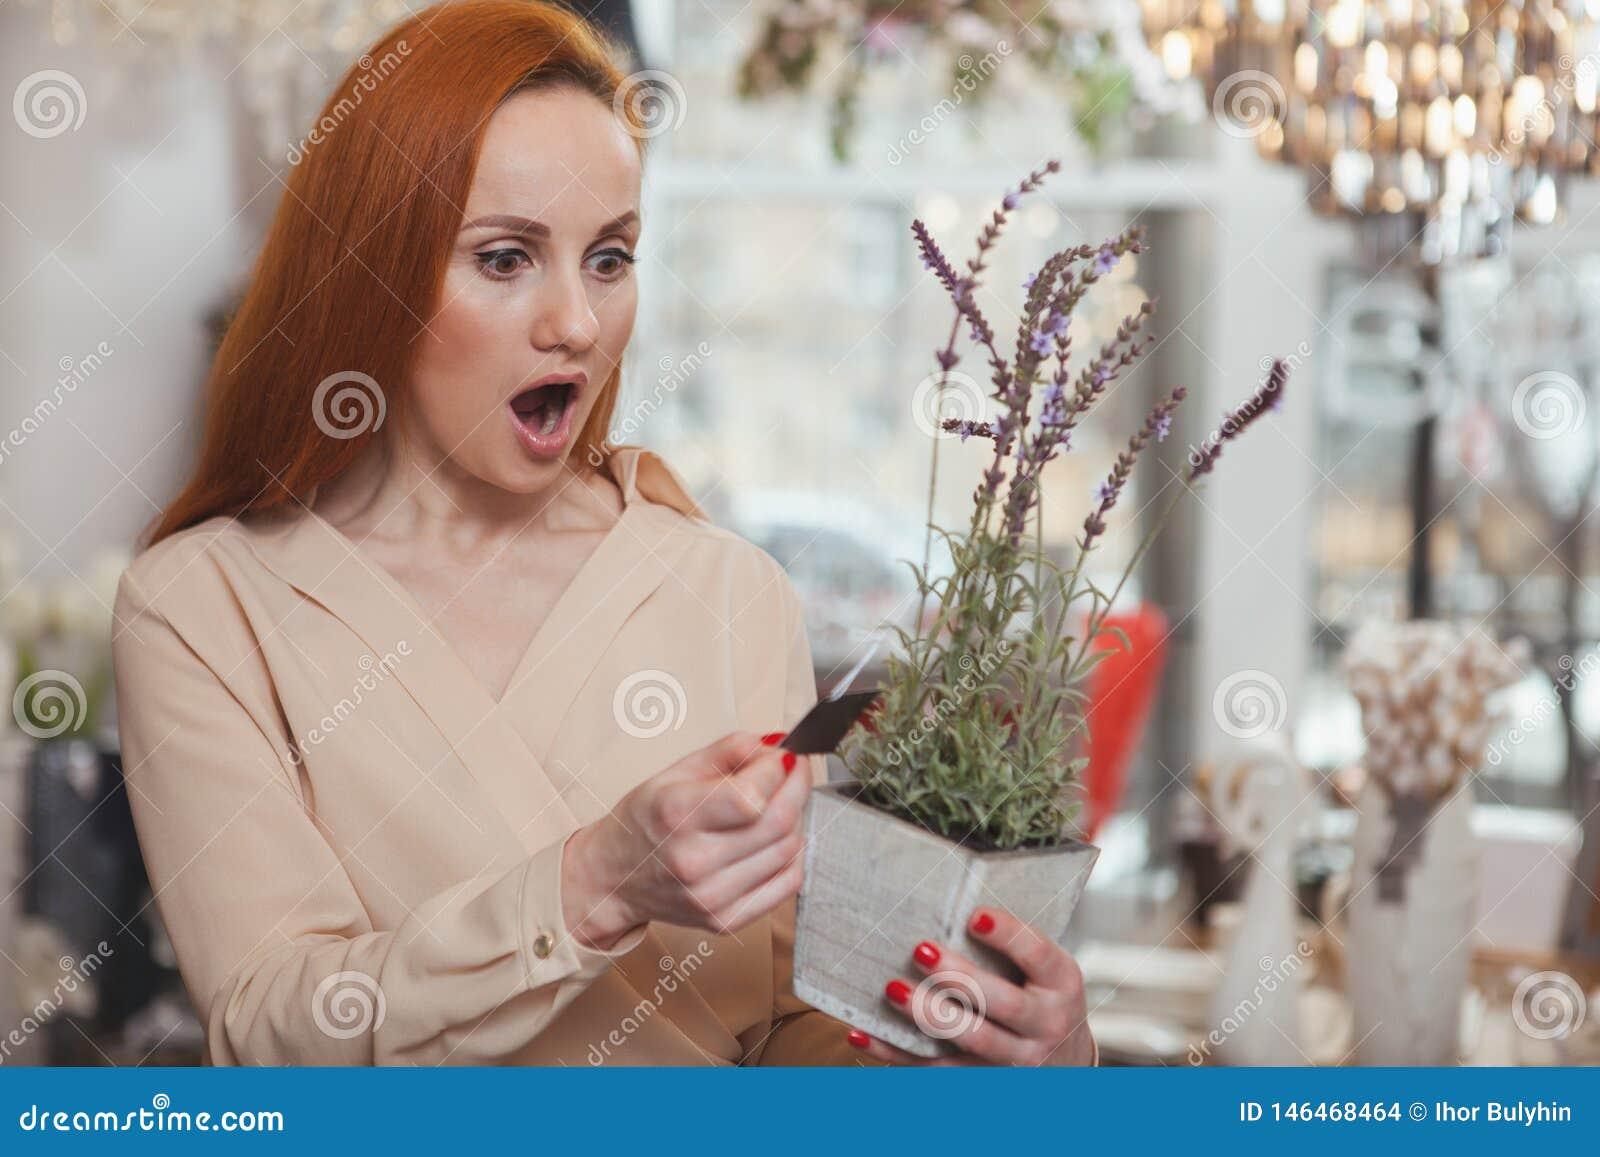 Γοητευτική γυναίκα που απολαμβάνει στο σπίτι το κατάστημα ντεκόρ